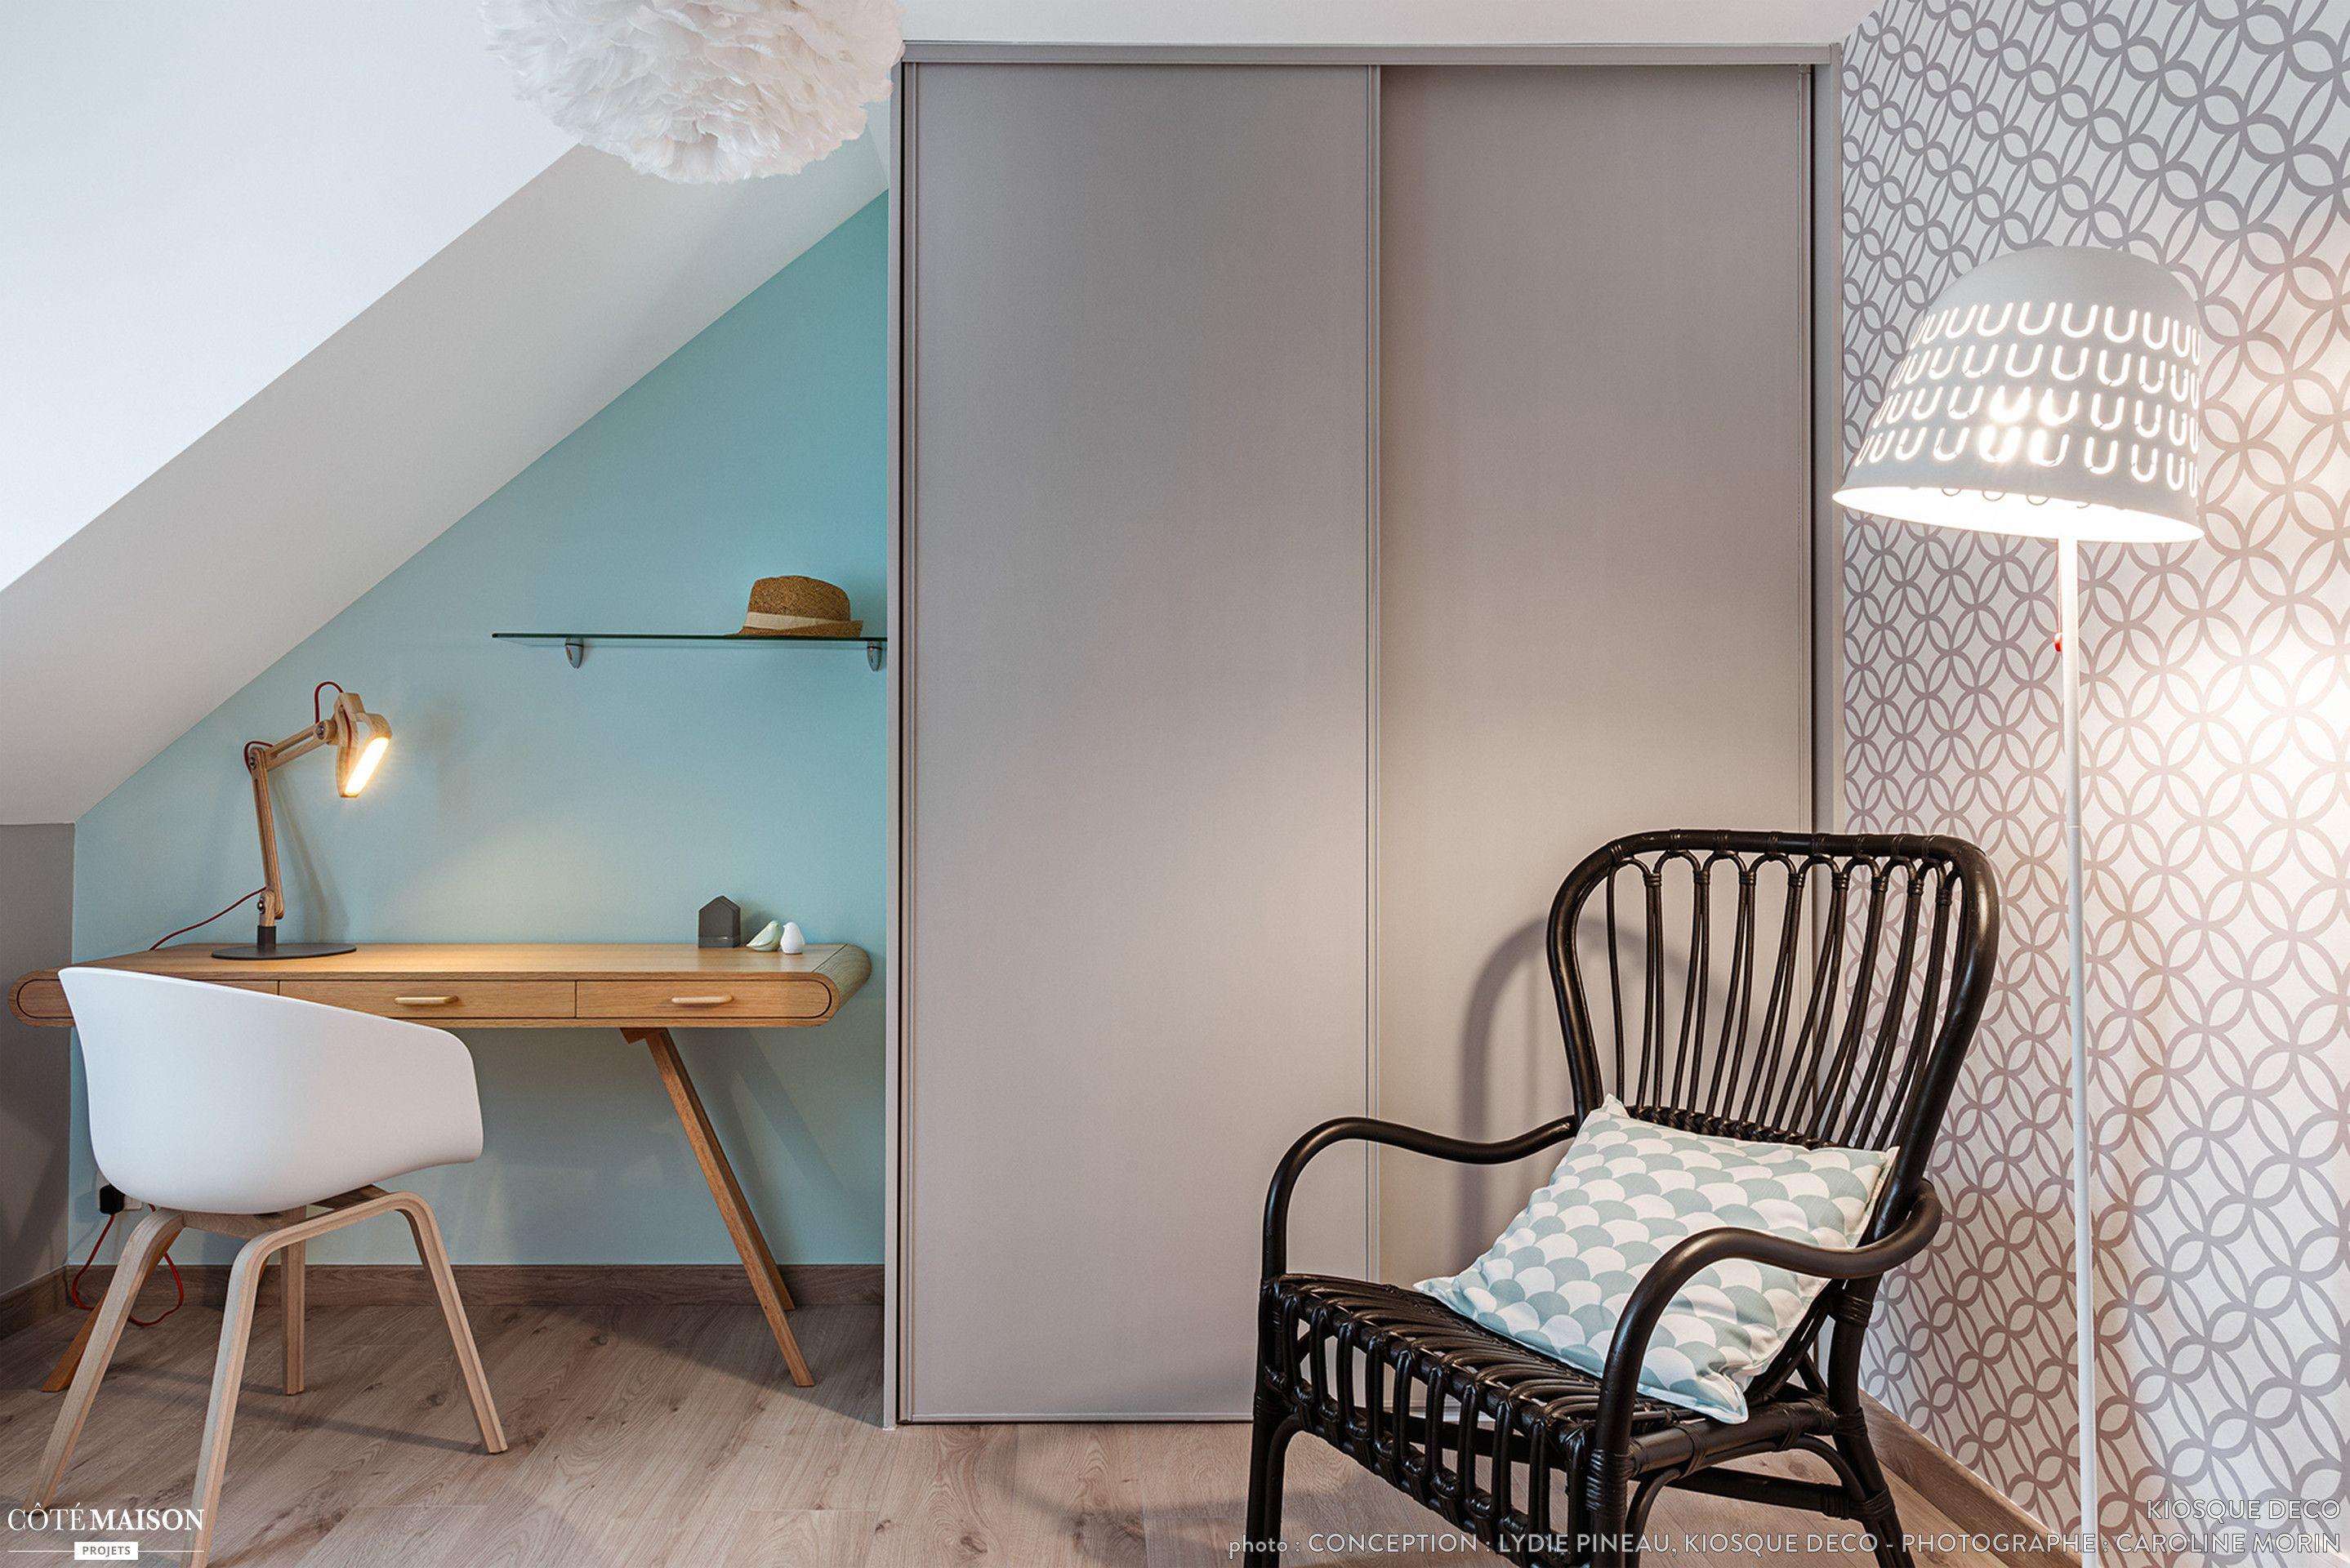 Chambre Au Look Scandinave Peinture Pastel Et Papier Peint Imprime Decoration Maison Decoration Interieure Idees Chambre